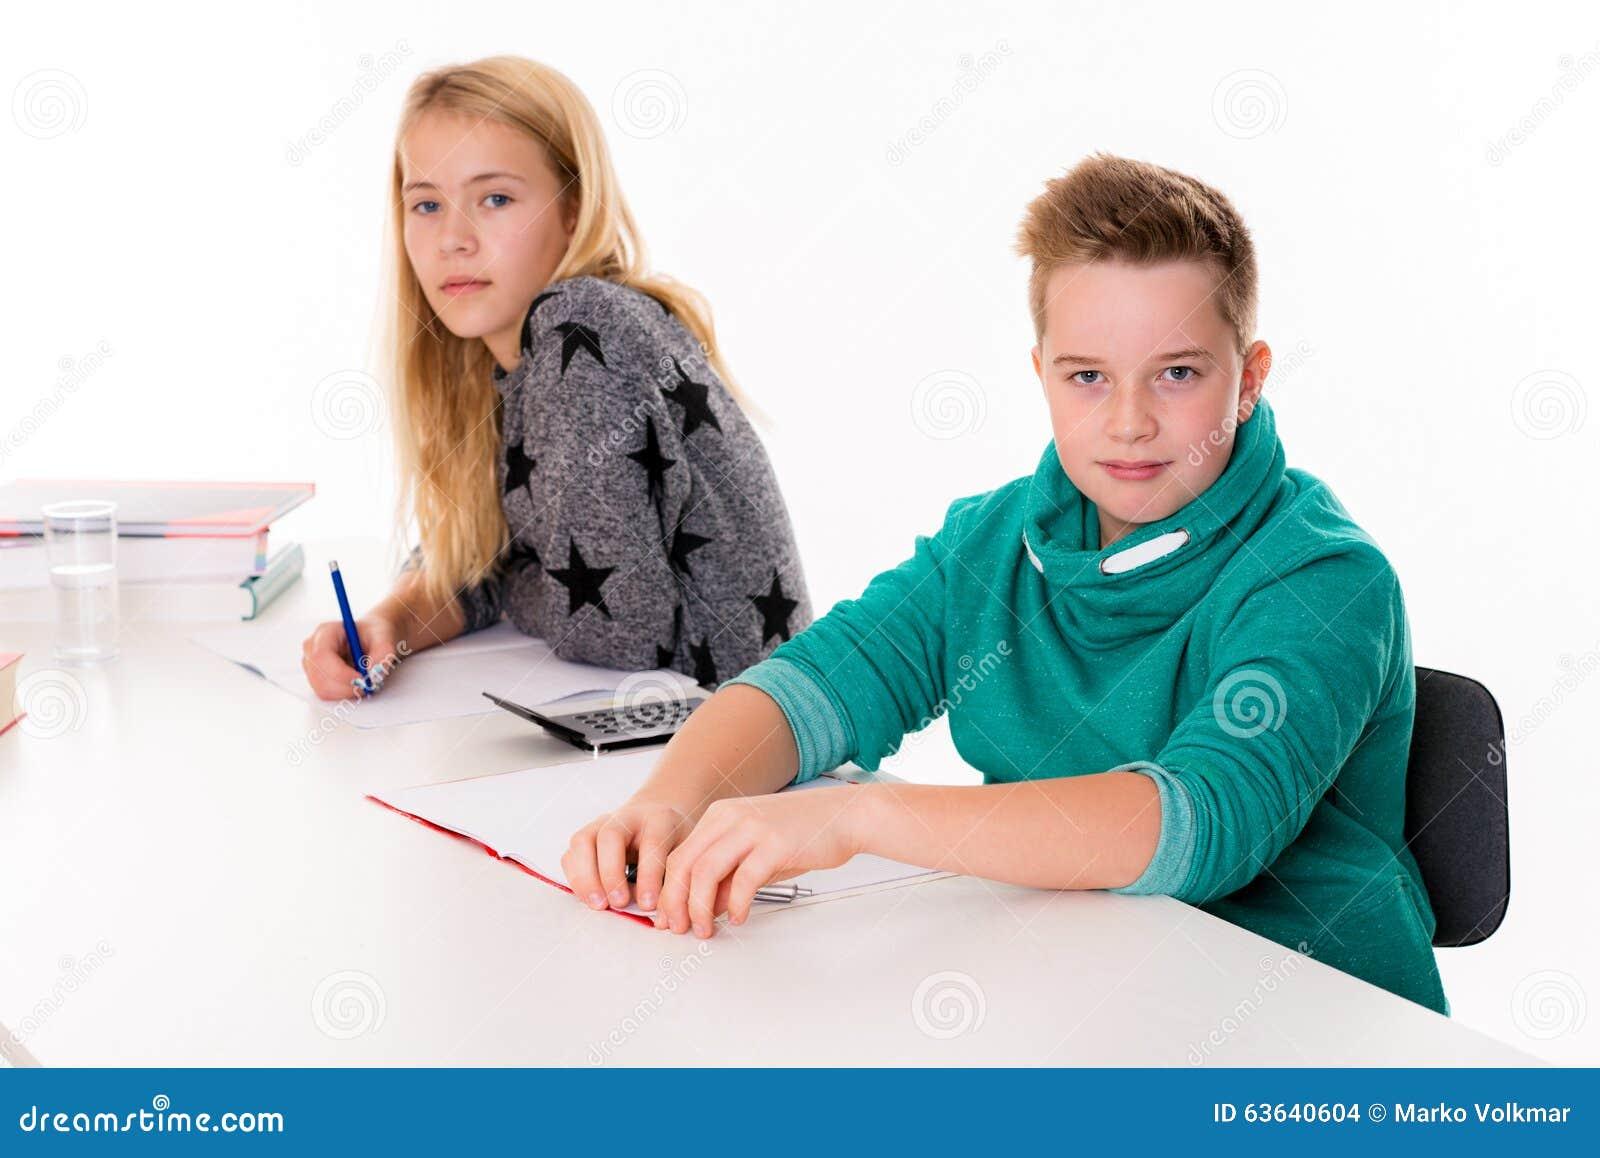 m dchen und junge zusammen im klassenzimmer stockfoto bild 63640604. Black Bedroom Furniture Sets. Home Design Ideas